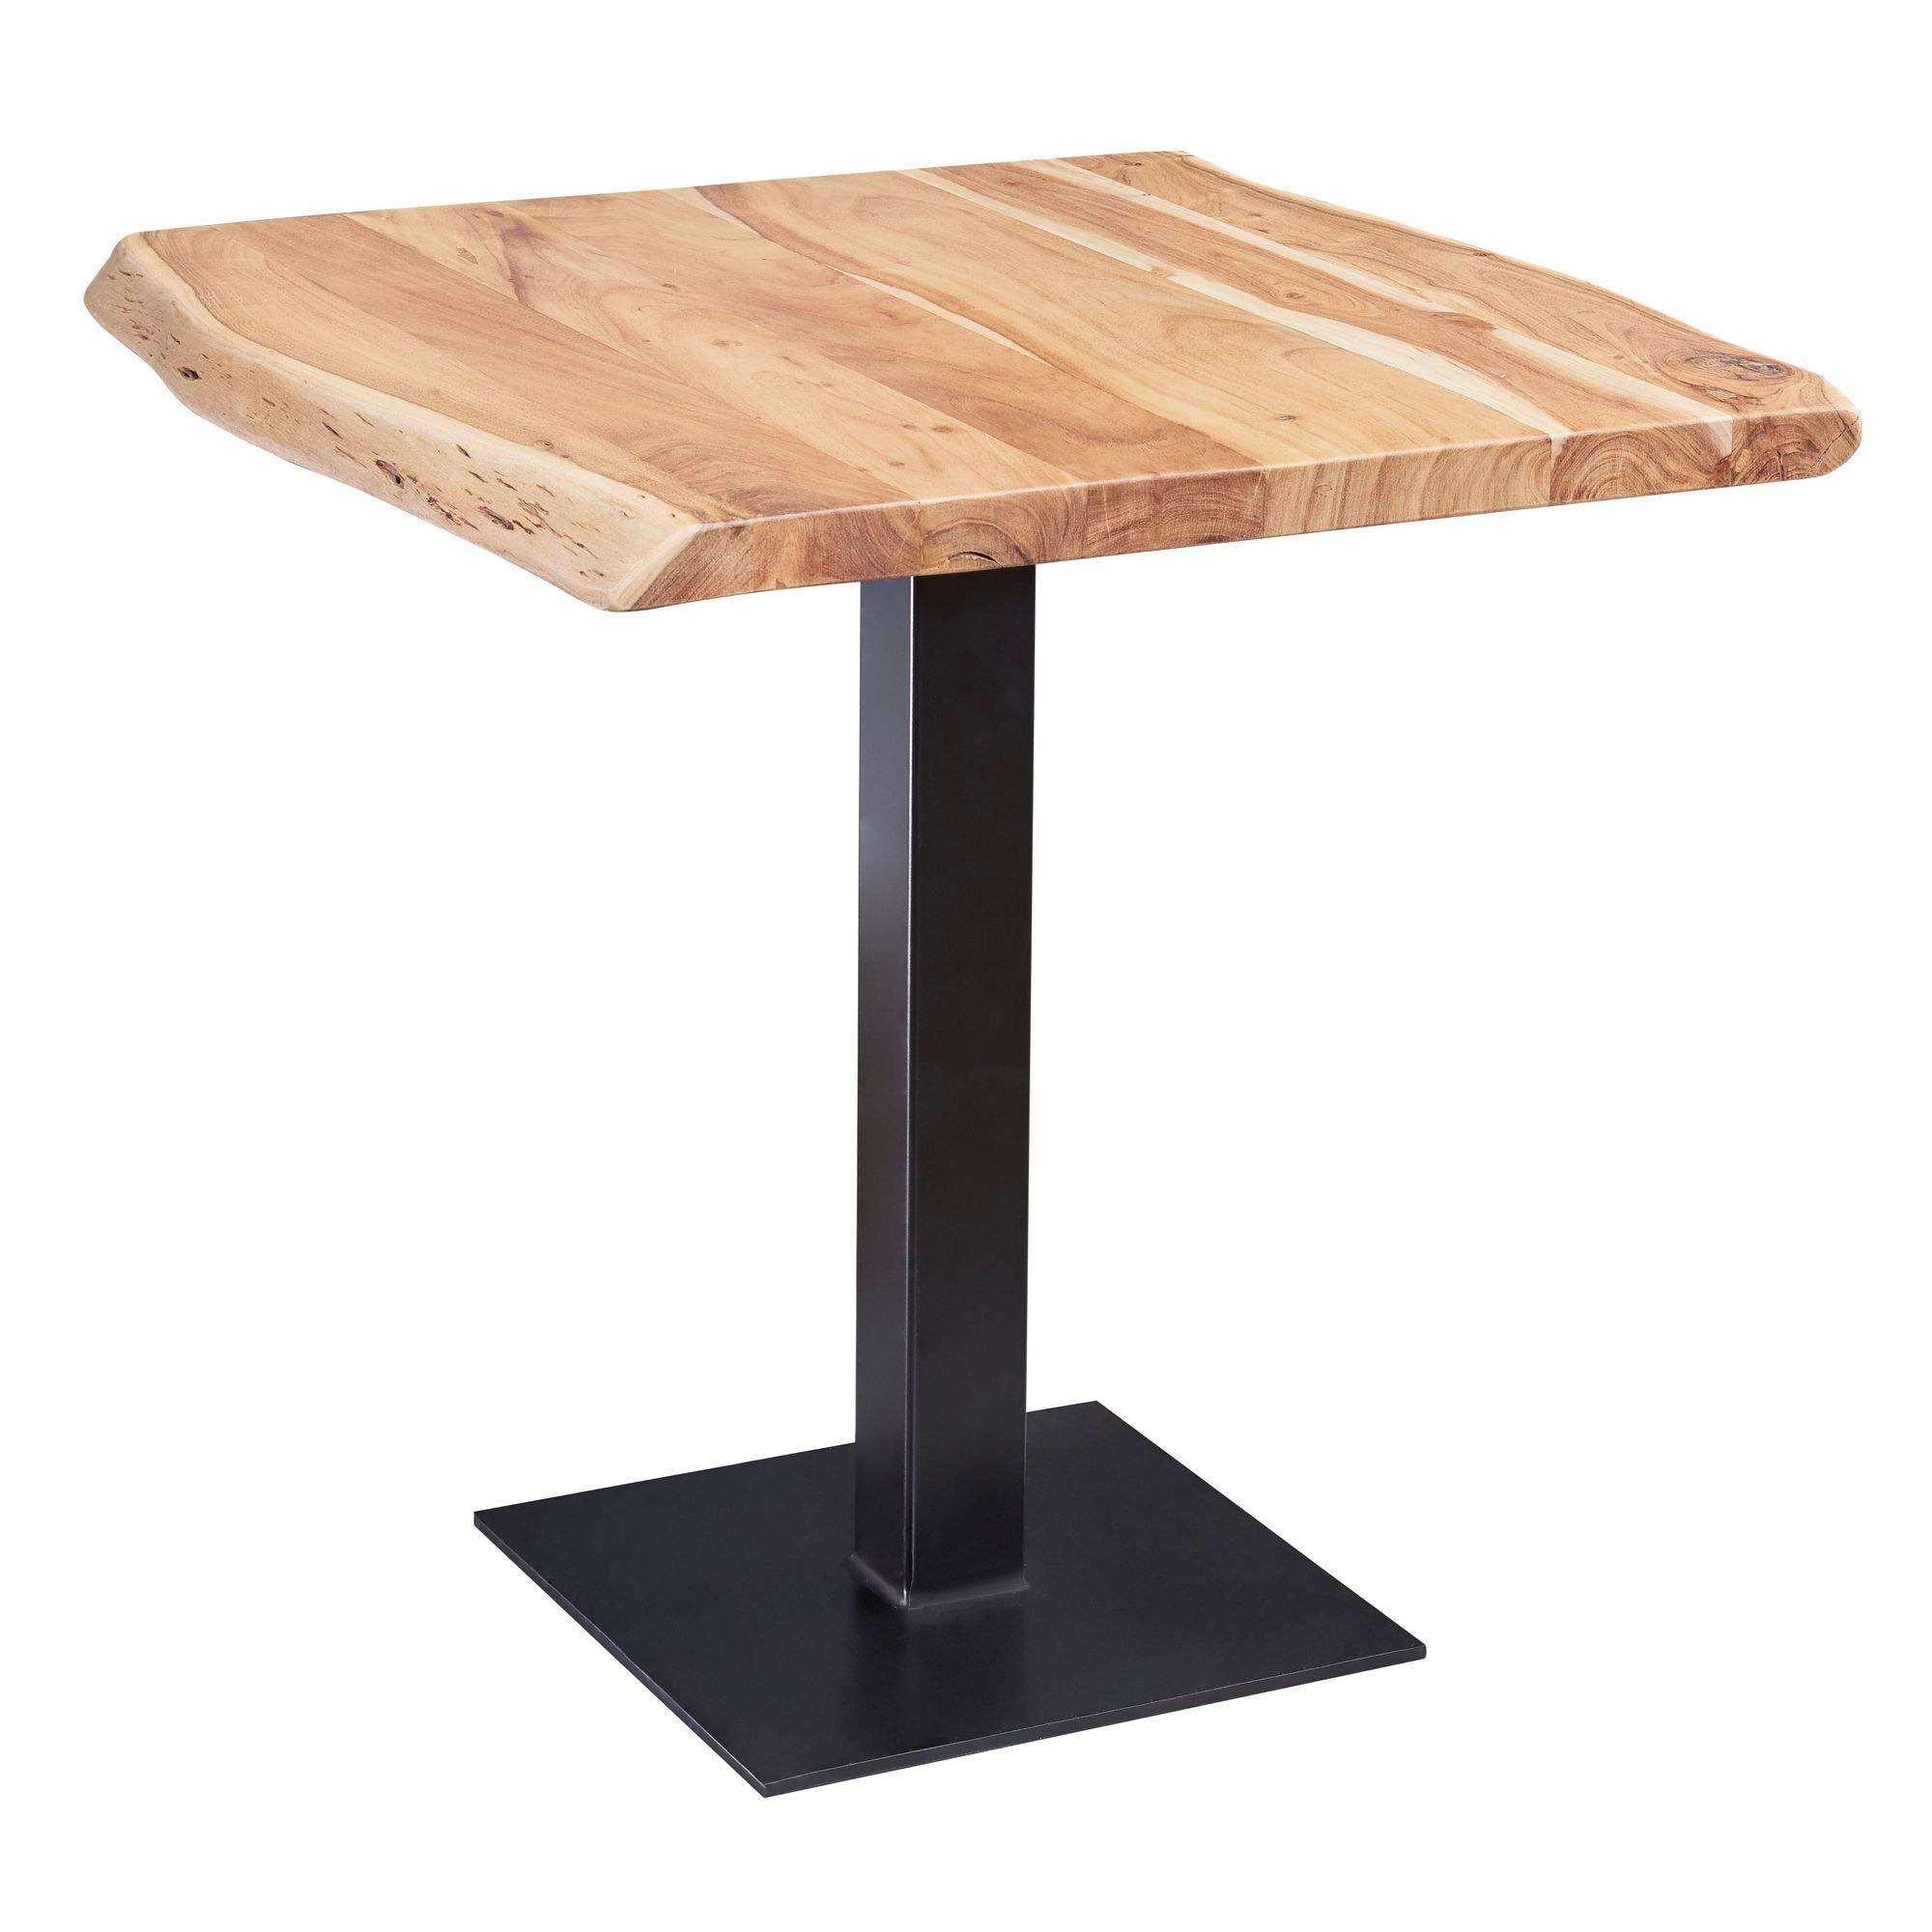 FineBuy Esstisch Baumkante 80 x 75 x 75 cm Akazie Massivholz Esszimmertisch   Kleiner Holztisch Esszimmer   Designer Küchentisch Quadratisch 1